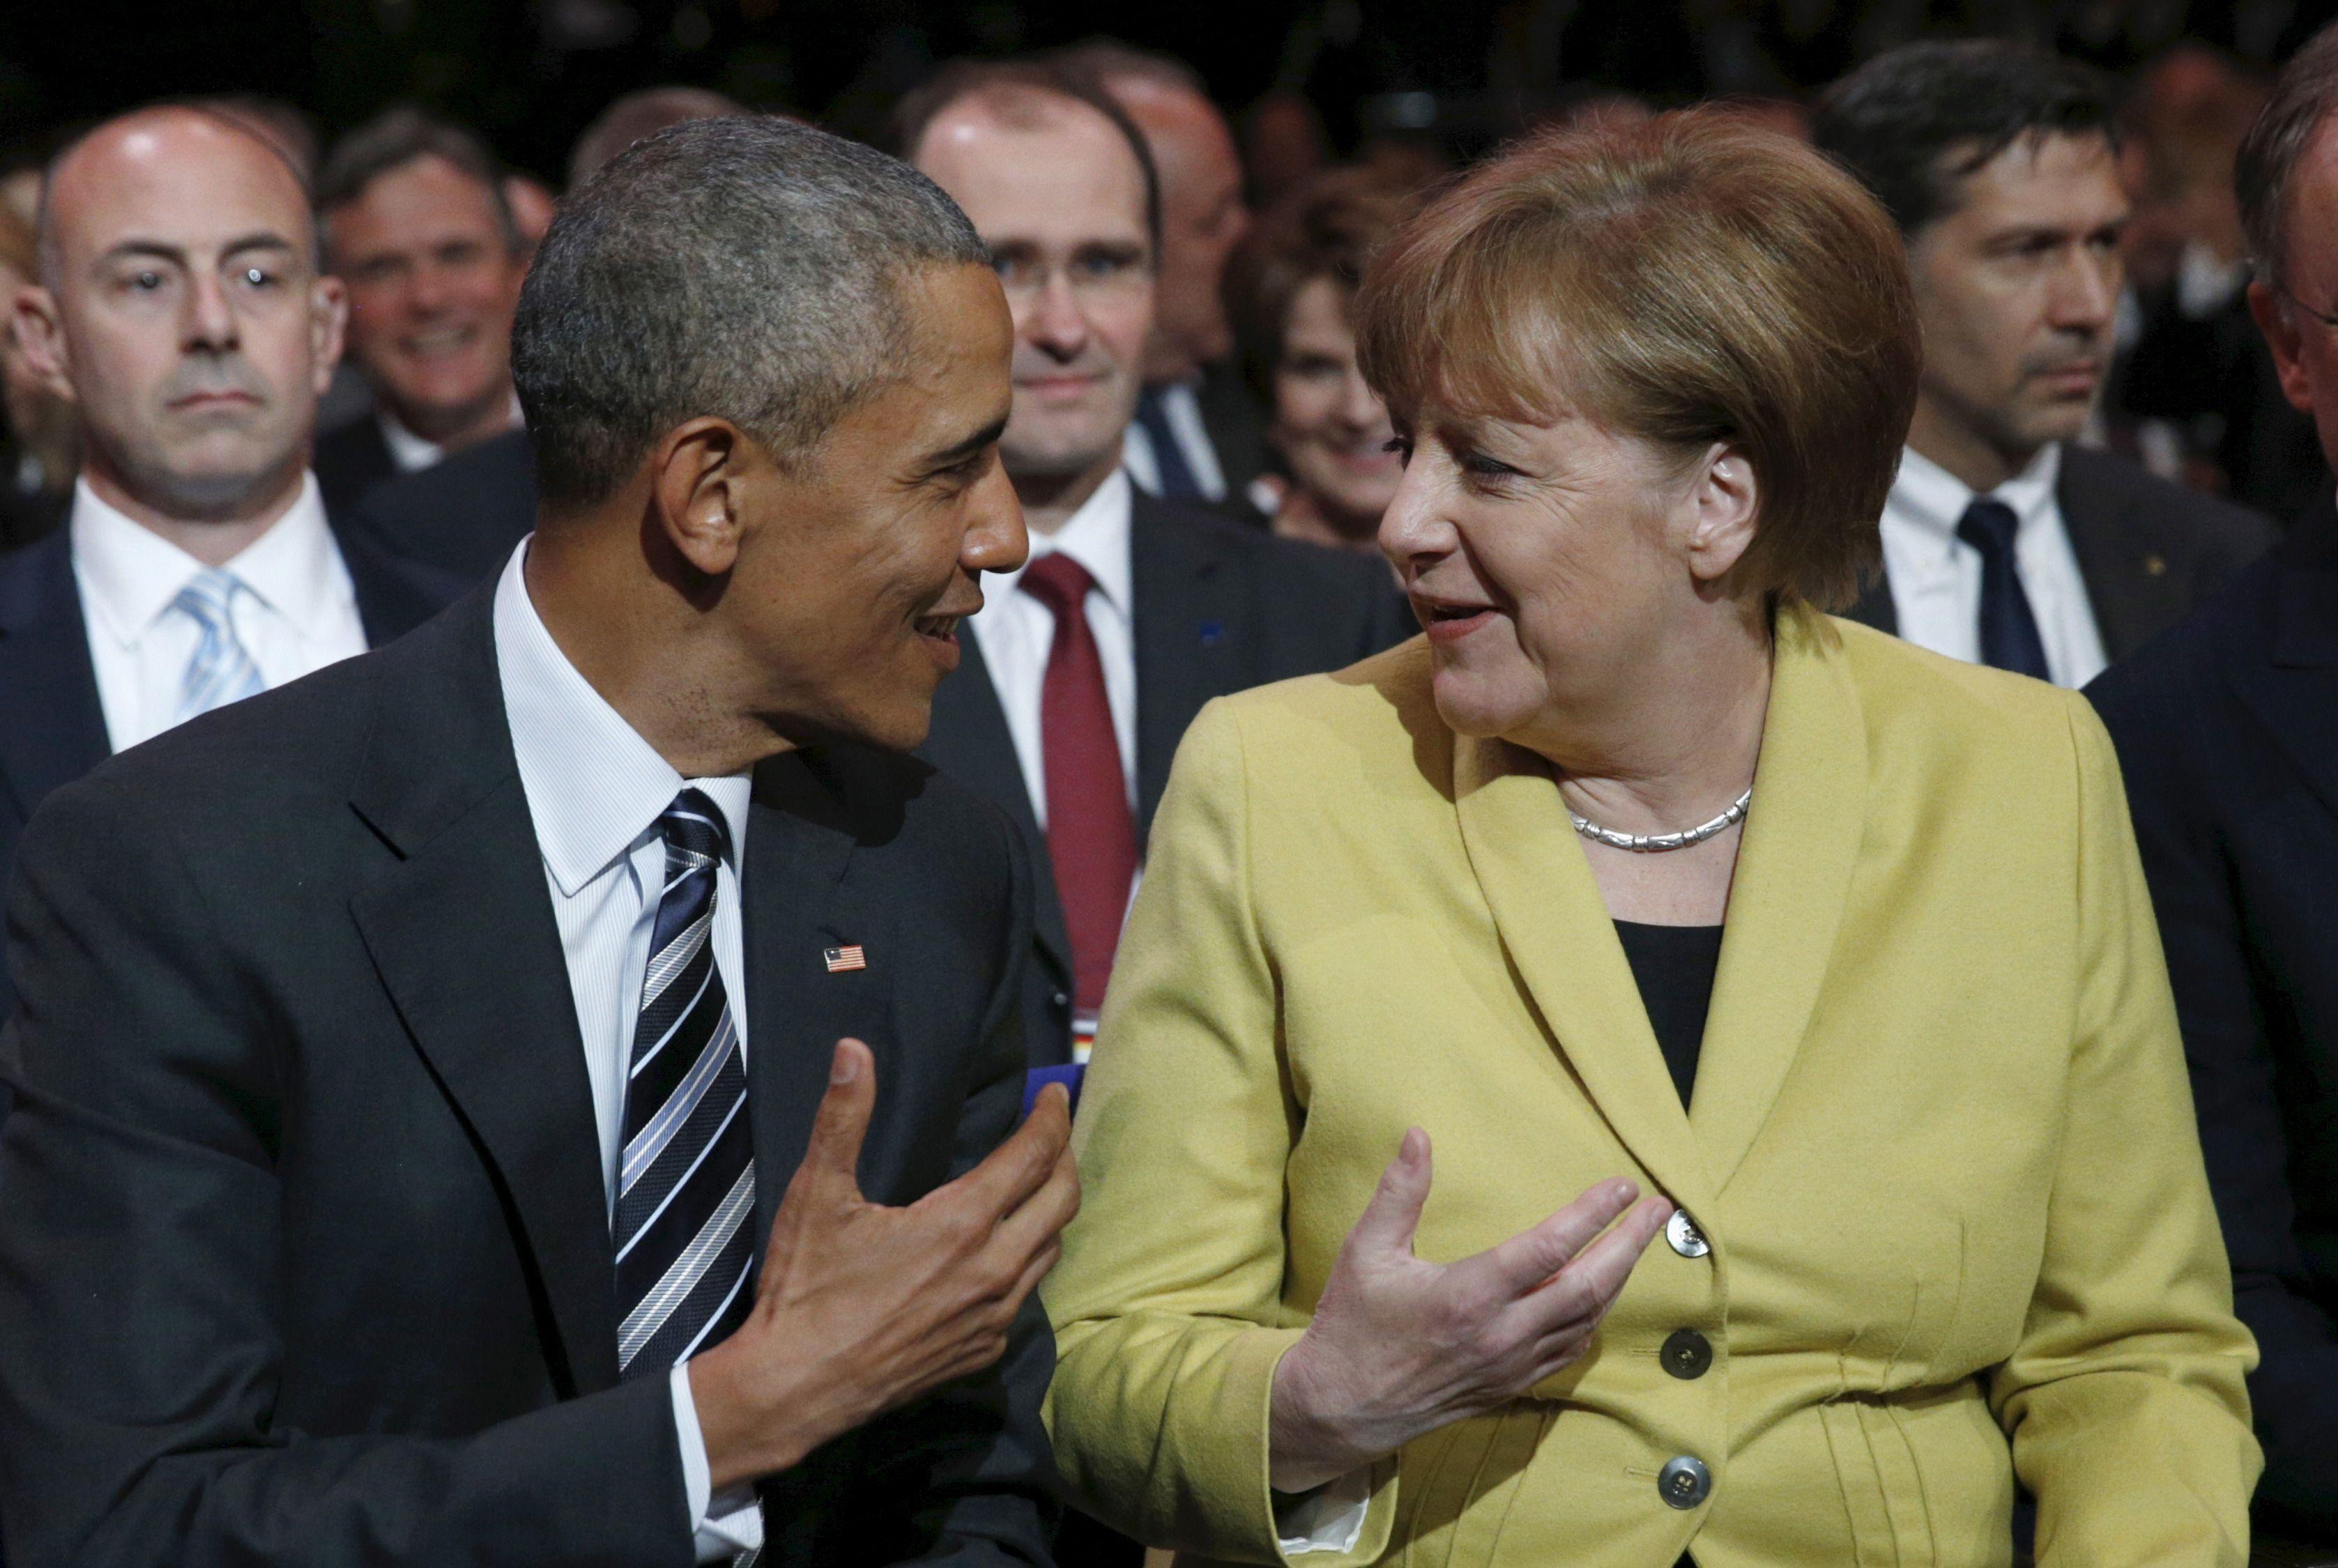 La chancellière allemande Angela Merkel et le président des Etats-Unis Barack Obama, lors de la cérémonie d'ouvertue de la foire d'Hanovre le 24 avril 2016.